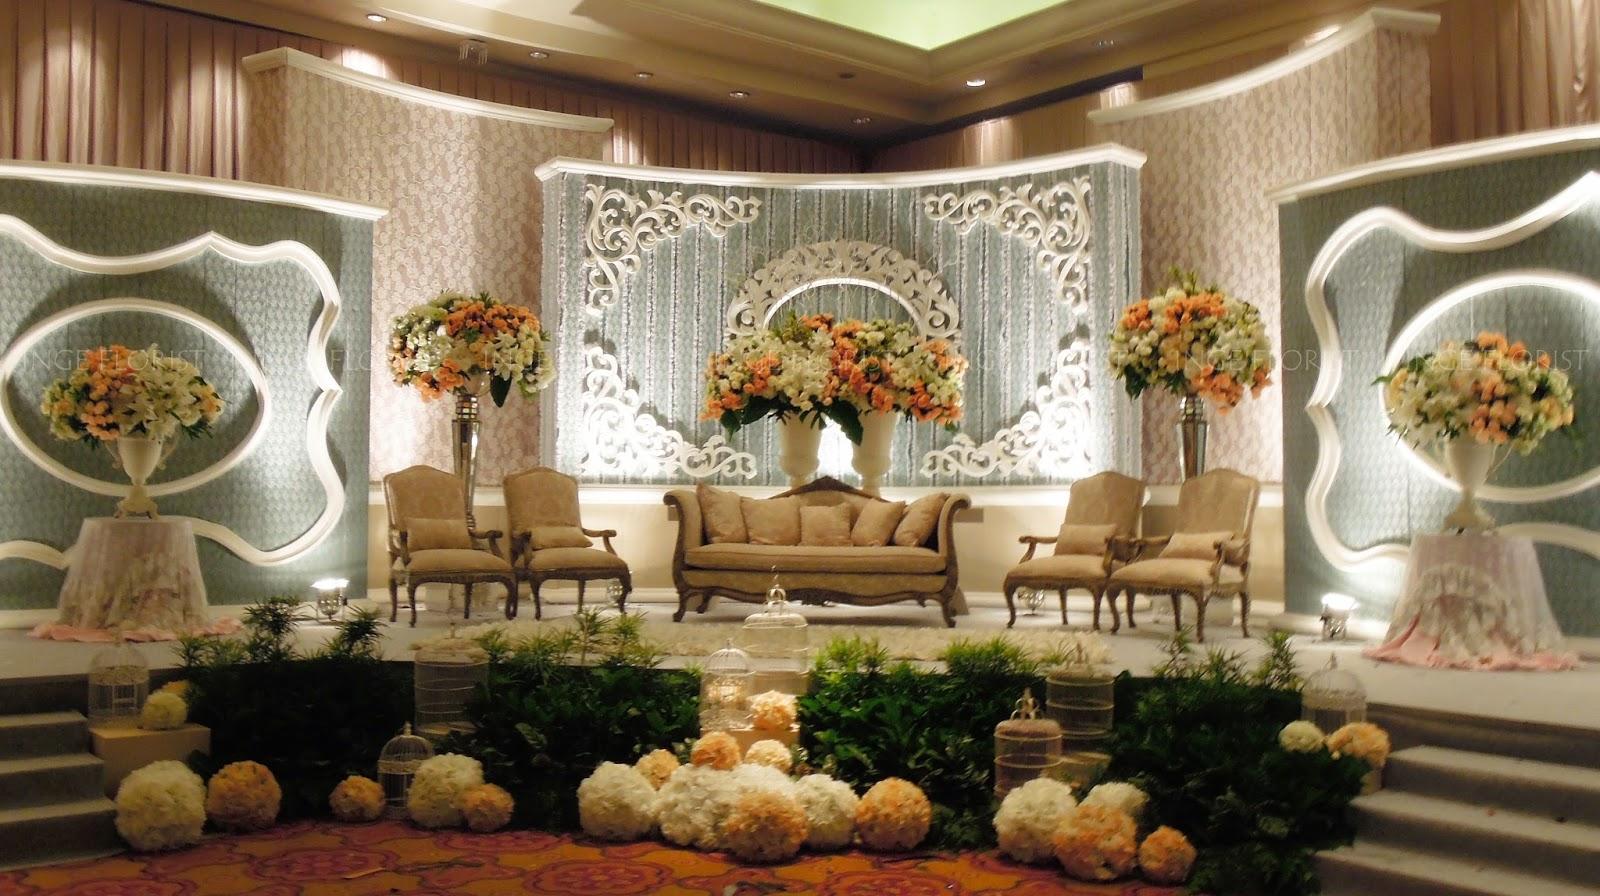 Tempat Sewa Dekorasi Pernikahan Semarang Tenda Pelaminan